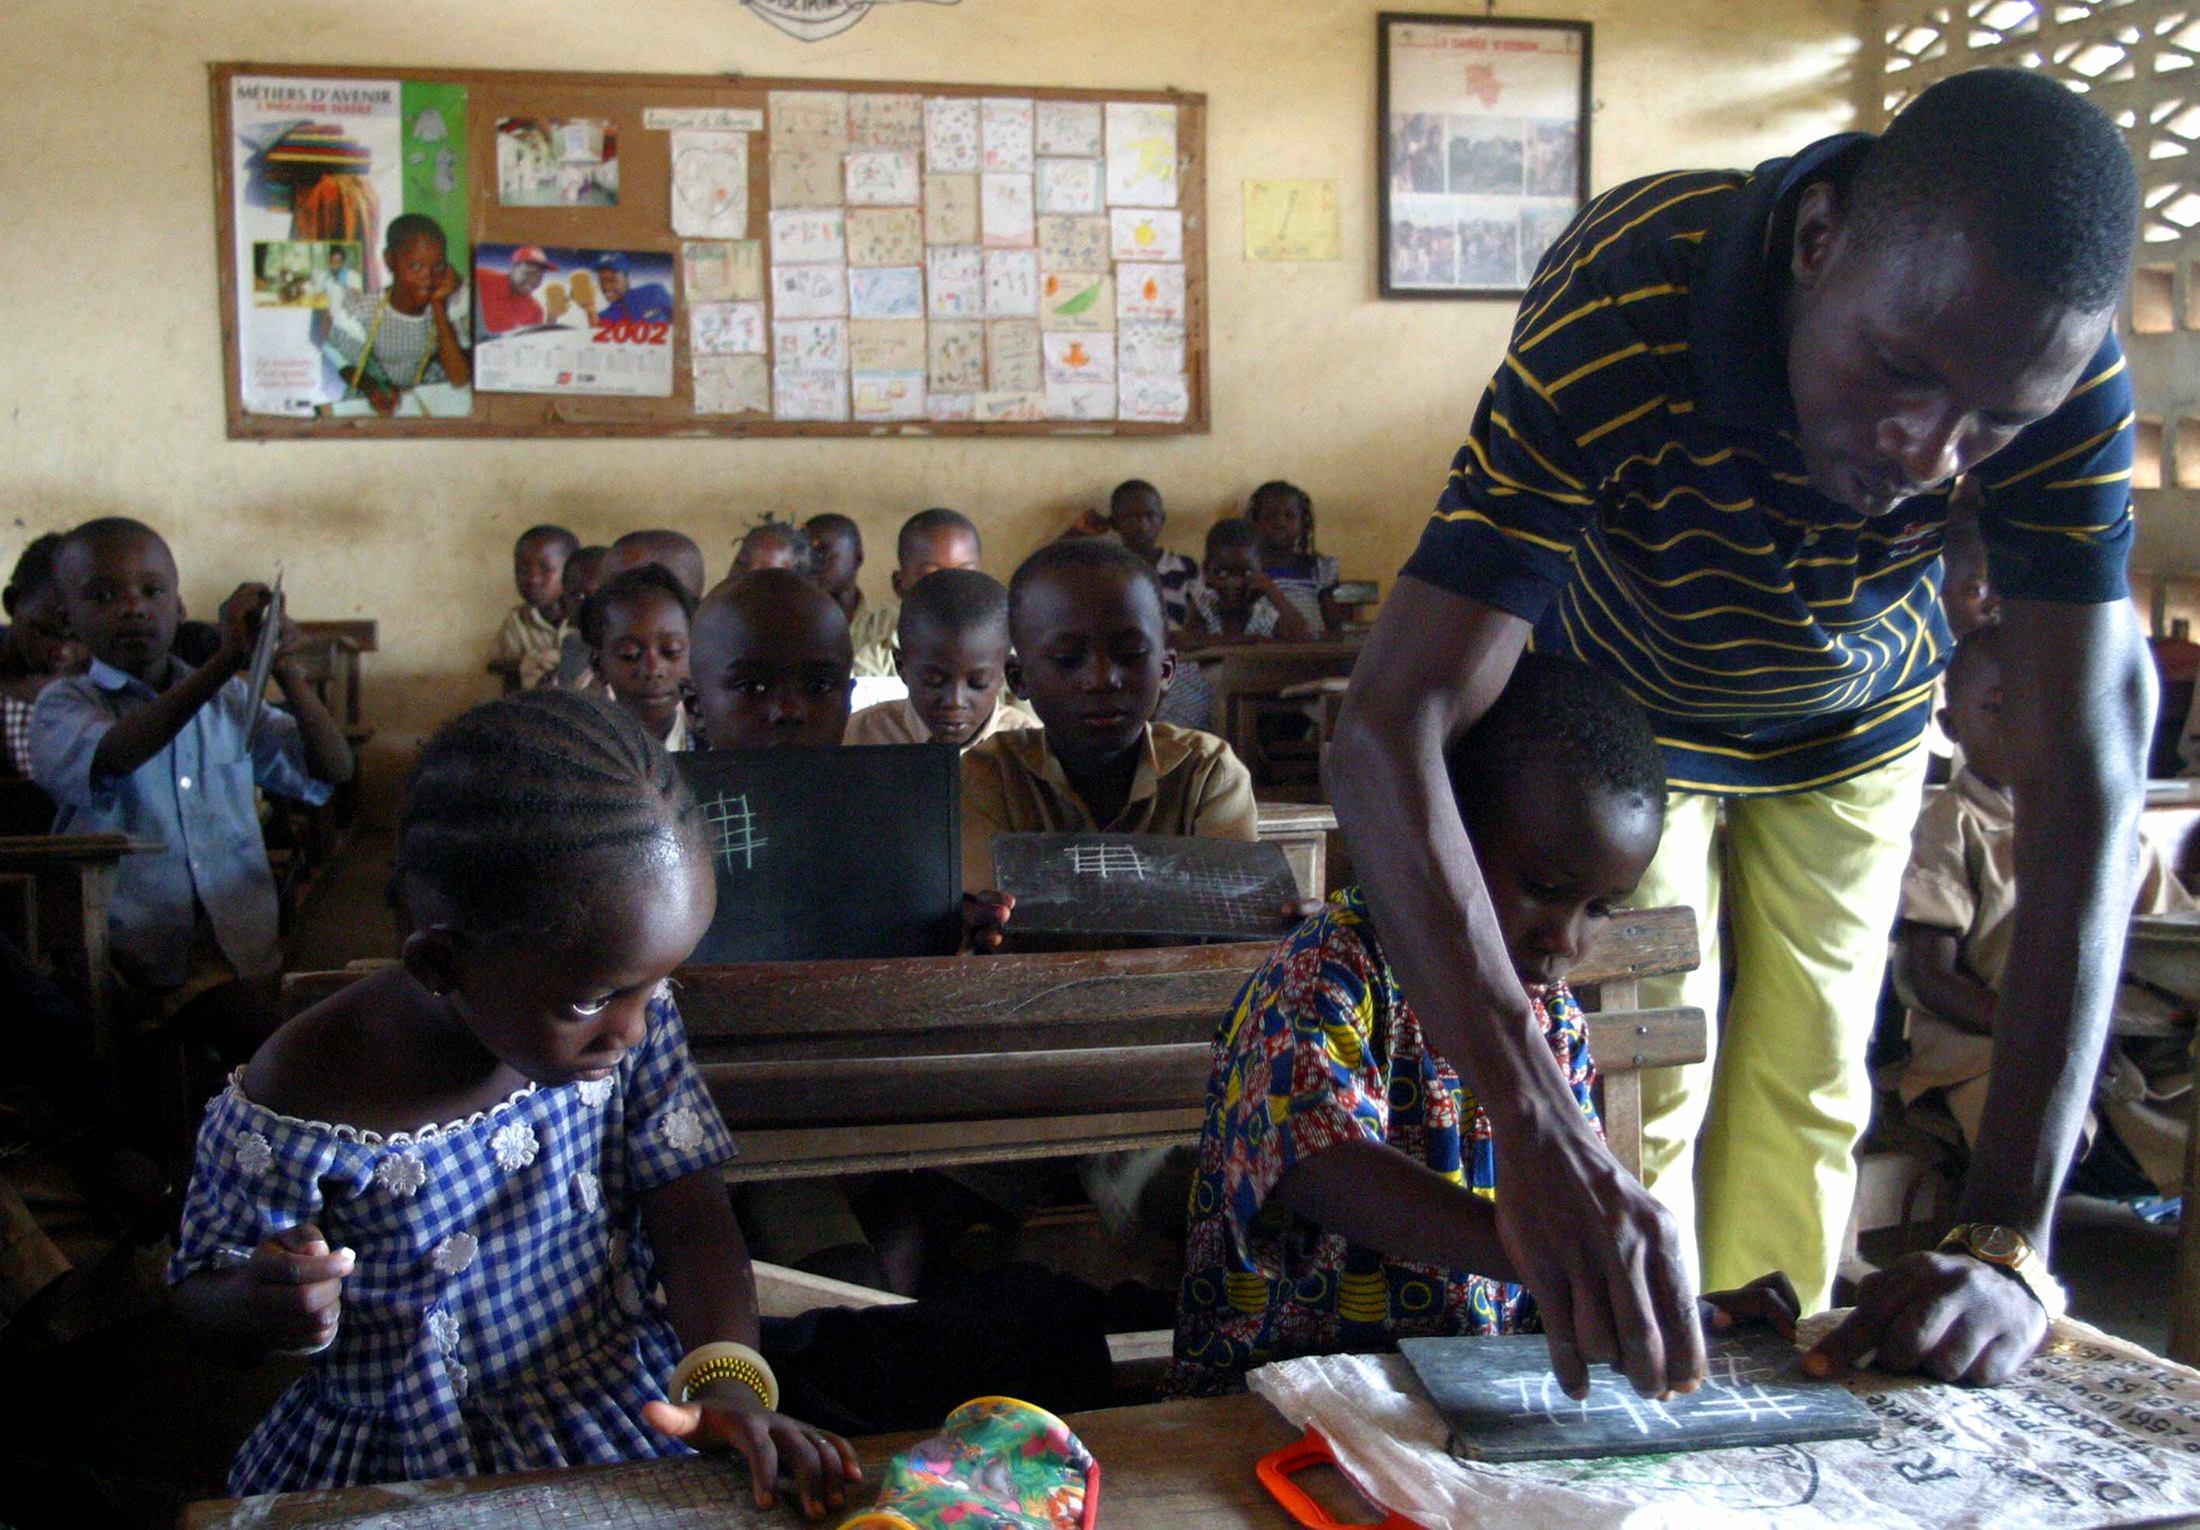 EducationLes Bons Mauvais Et De Francophone L'afrique Élèves rxshQCtd